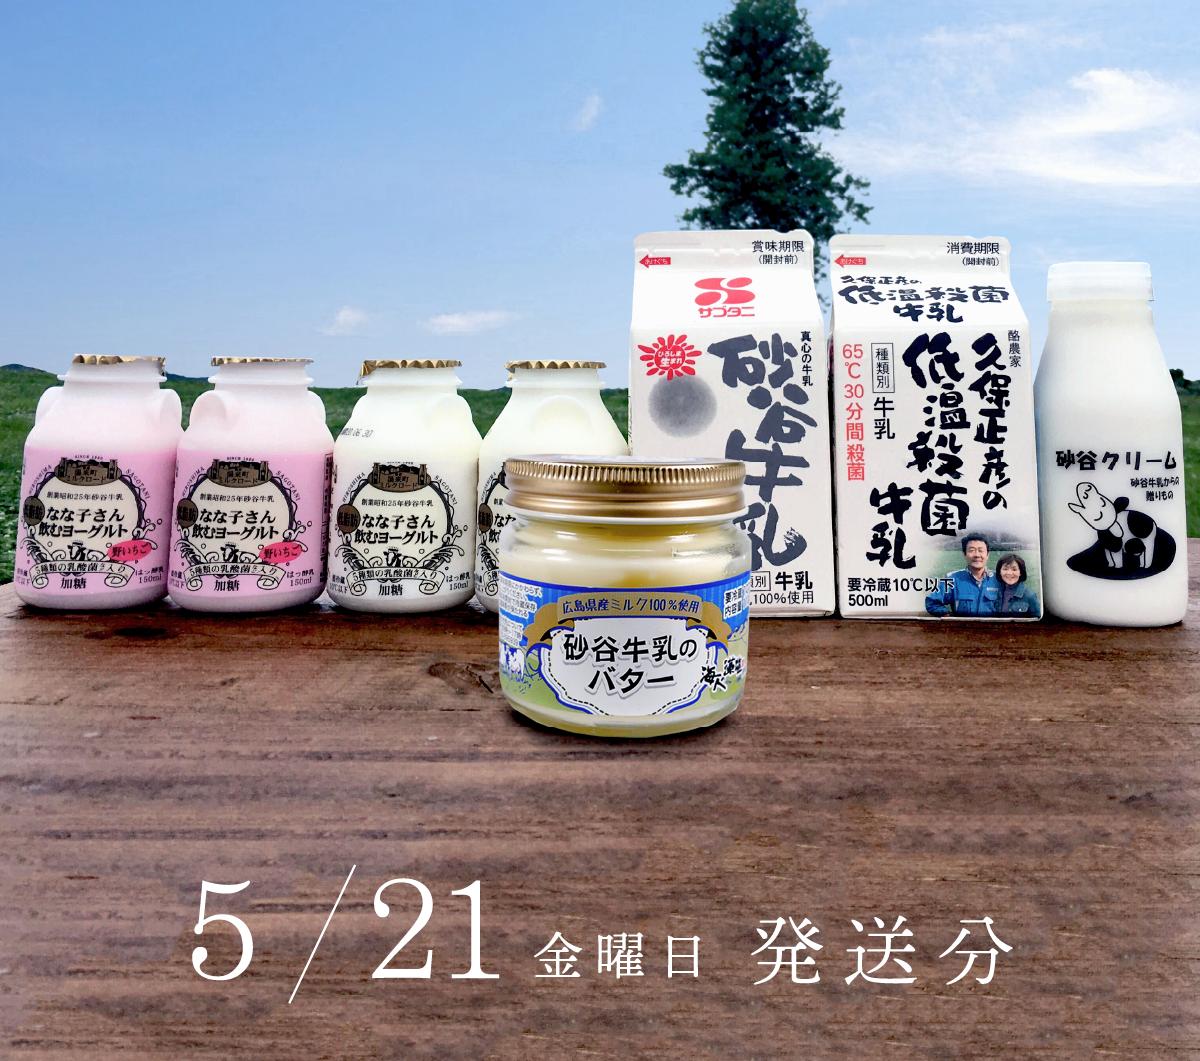 少量セットB バター&飲むヨーグルトセット(砂谷バター藻塩入) 5月21日(金)発送分